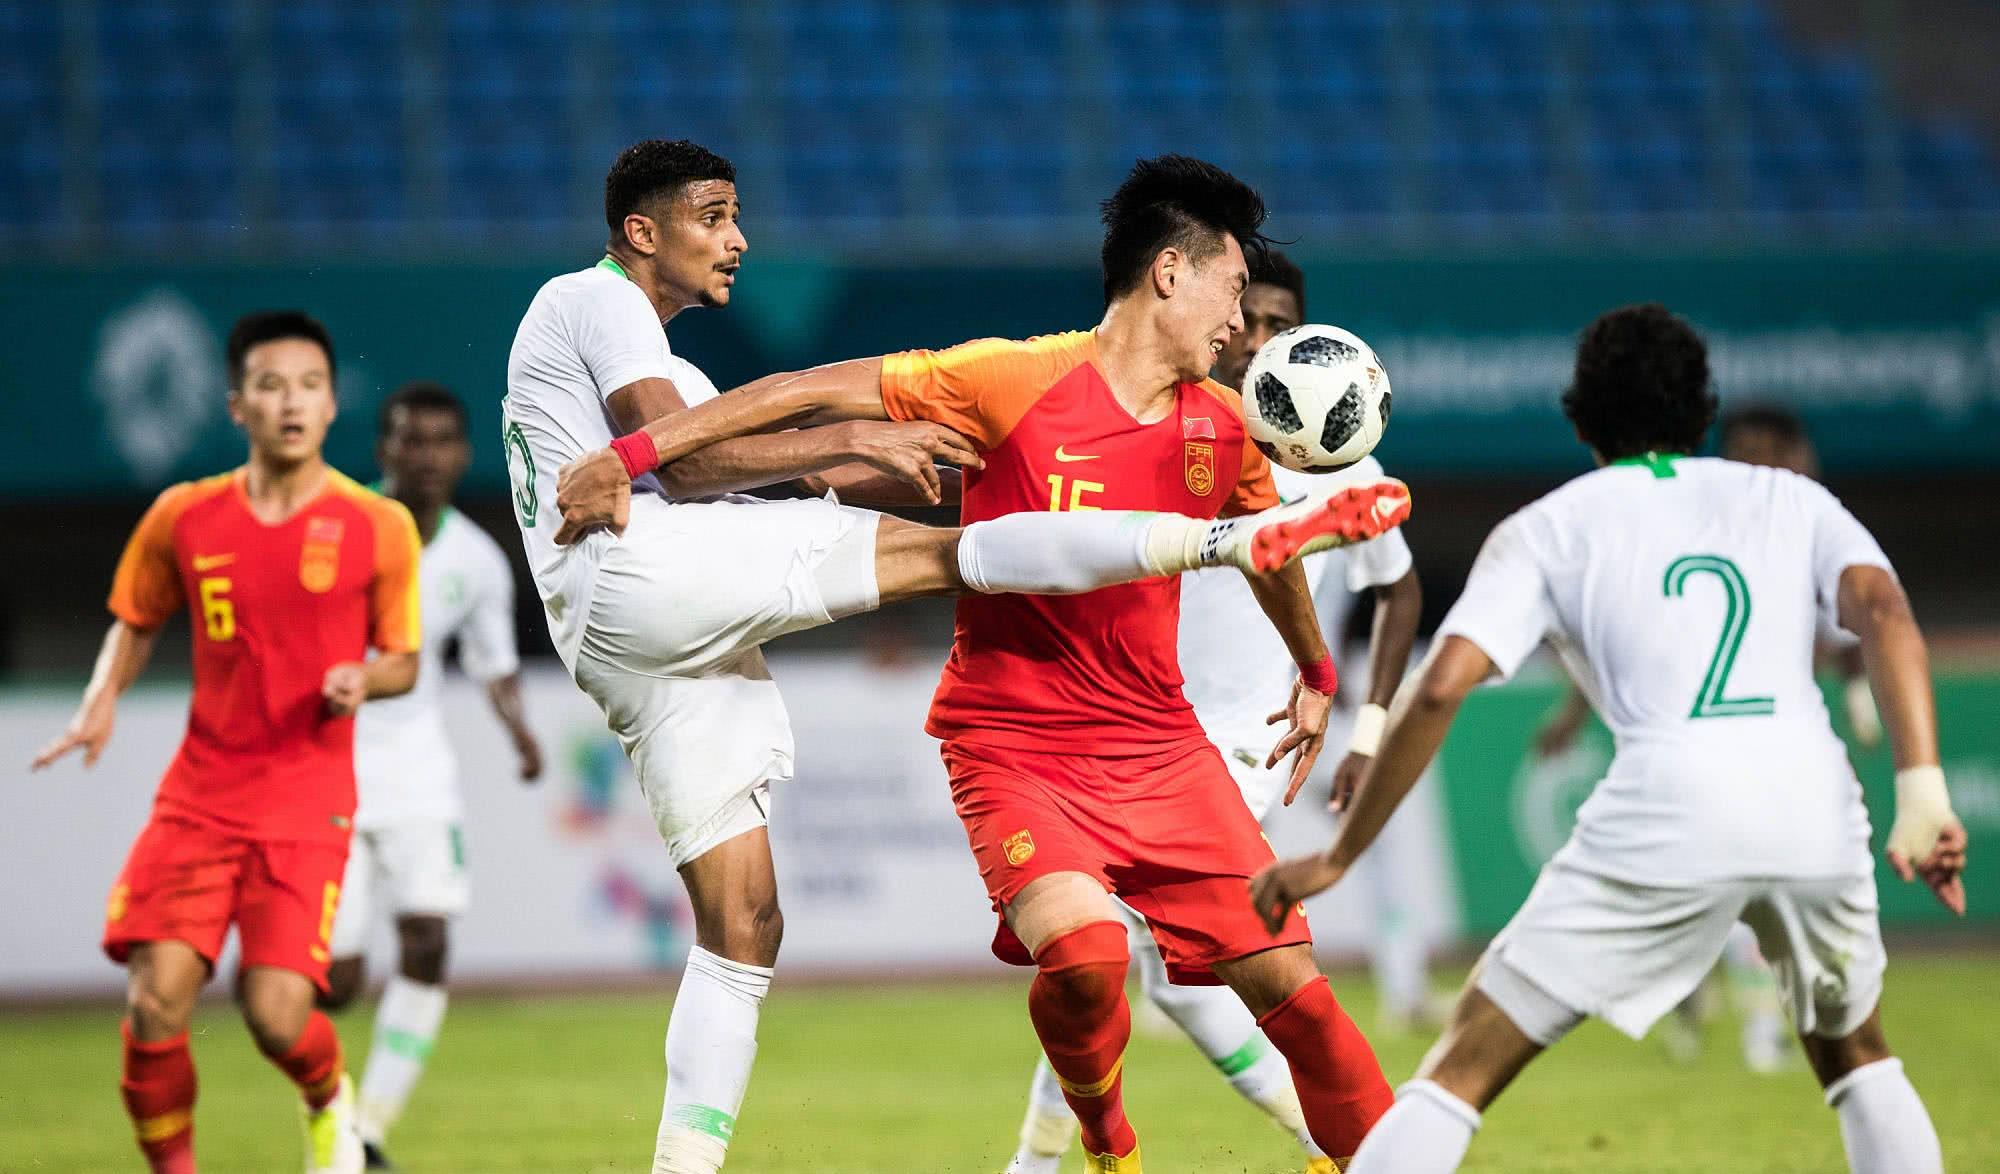 希丁克:中国足球水平比我想象中的低,打进东京奥运会是不现实的